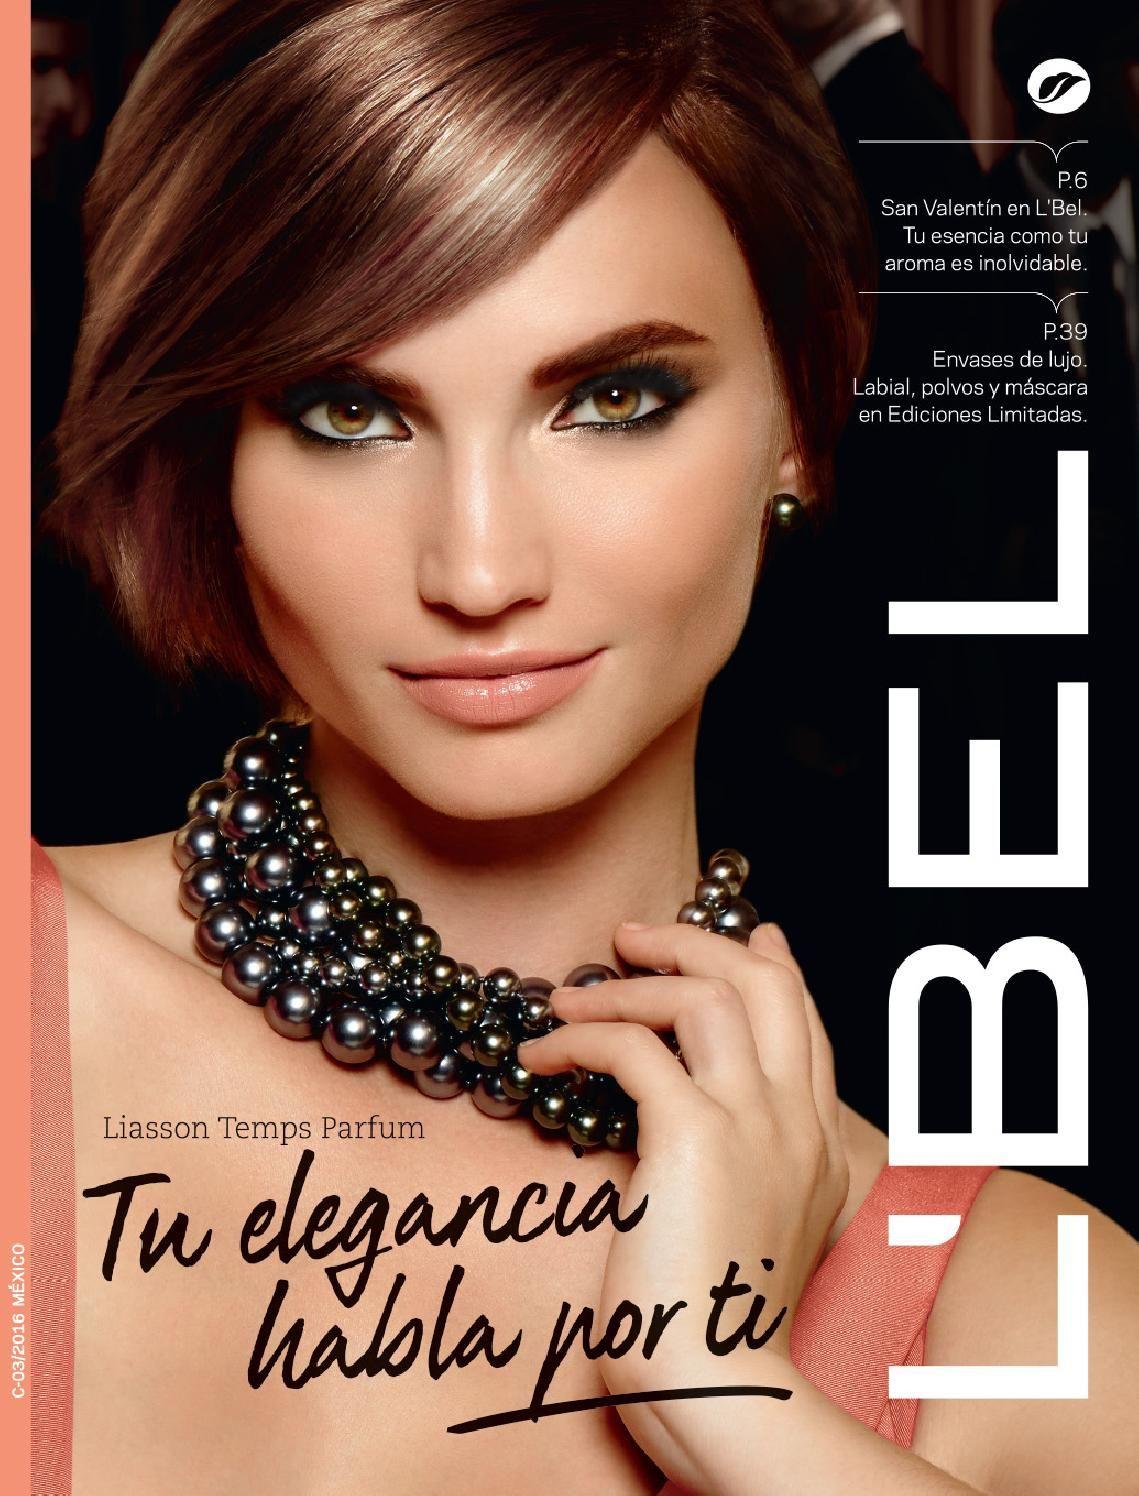 ff0cb1b38 Catálogo L bel México C03 by SomosBelcorp - issuu